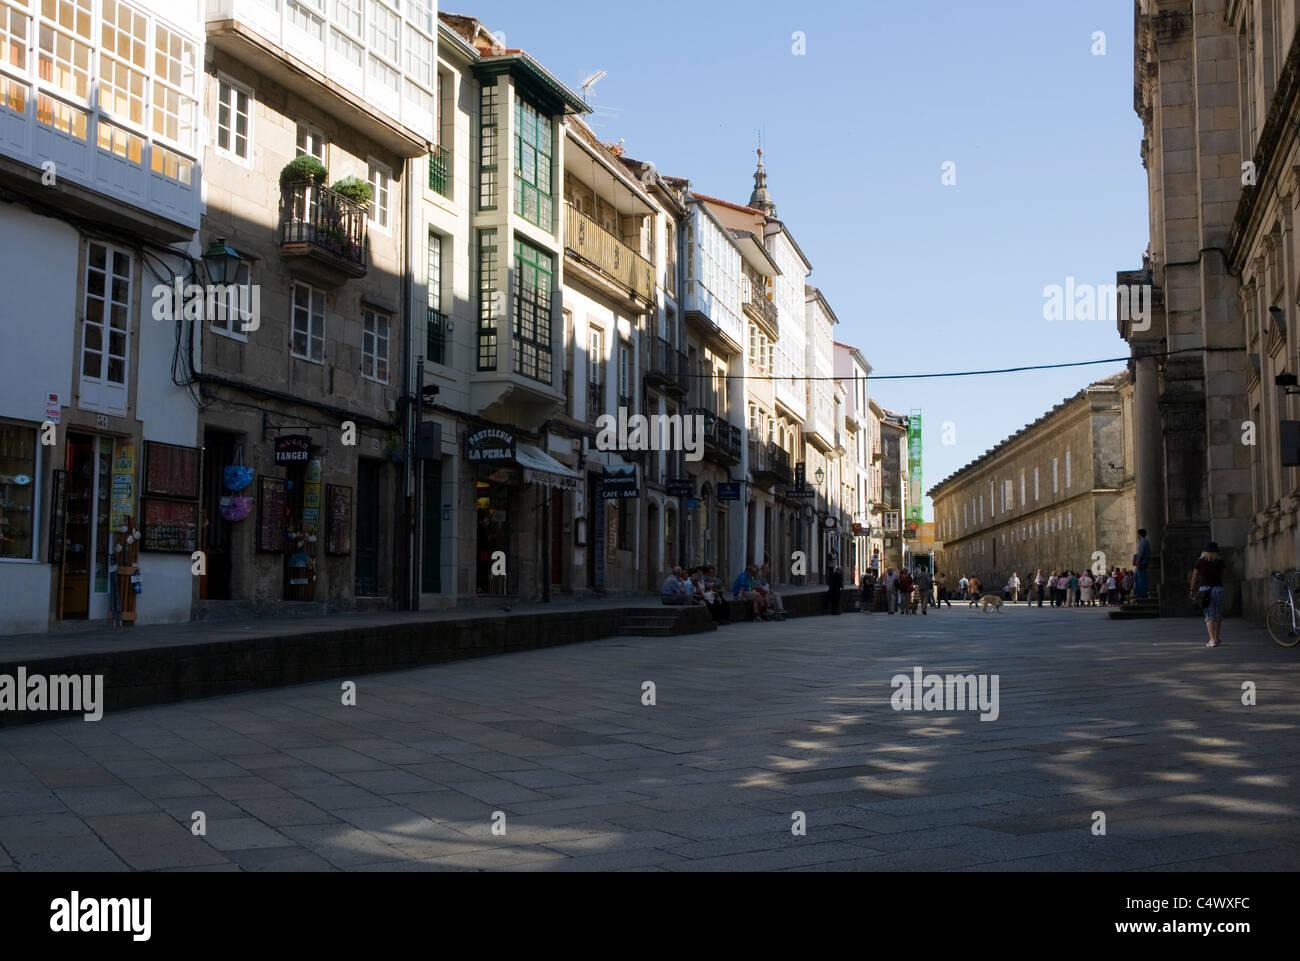 Shade across a street in Santiago de Compostela, Spain - Stock Image